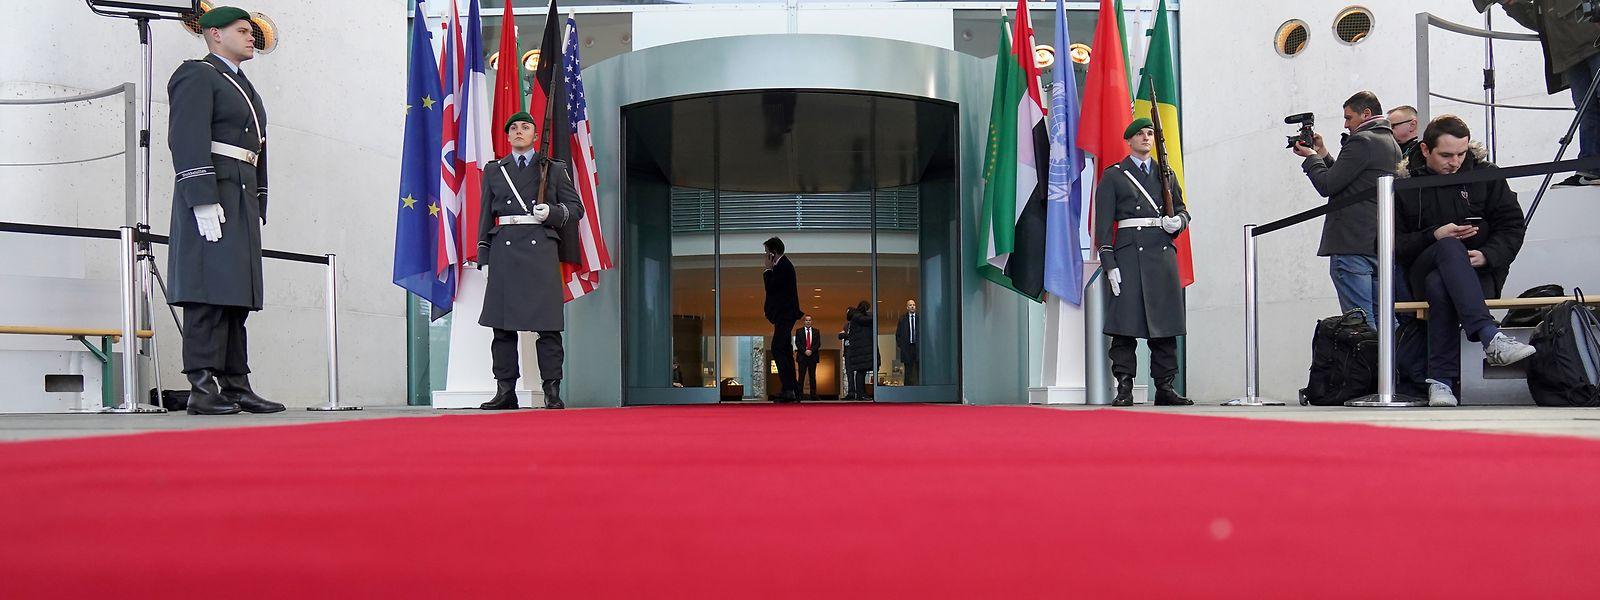 Wachposten der Bundeswehr stehen vor den Flaggen der Teilnehmerstaaten der Libyenkonferenz vor dem Bundeskanzleramt.